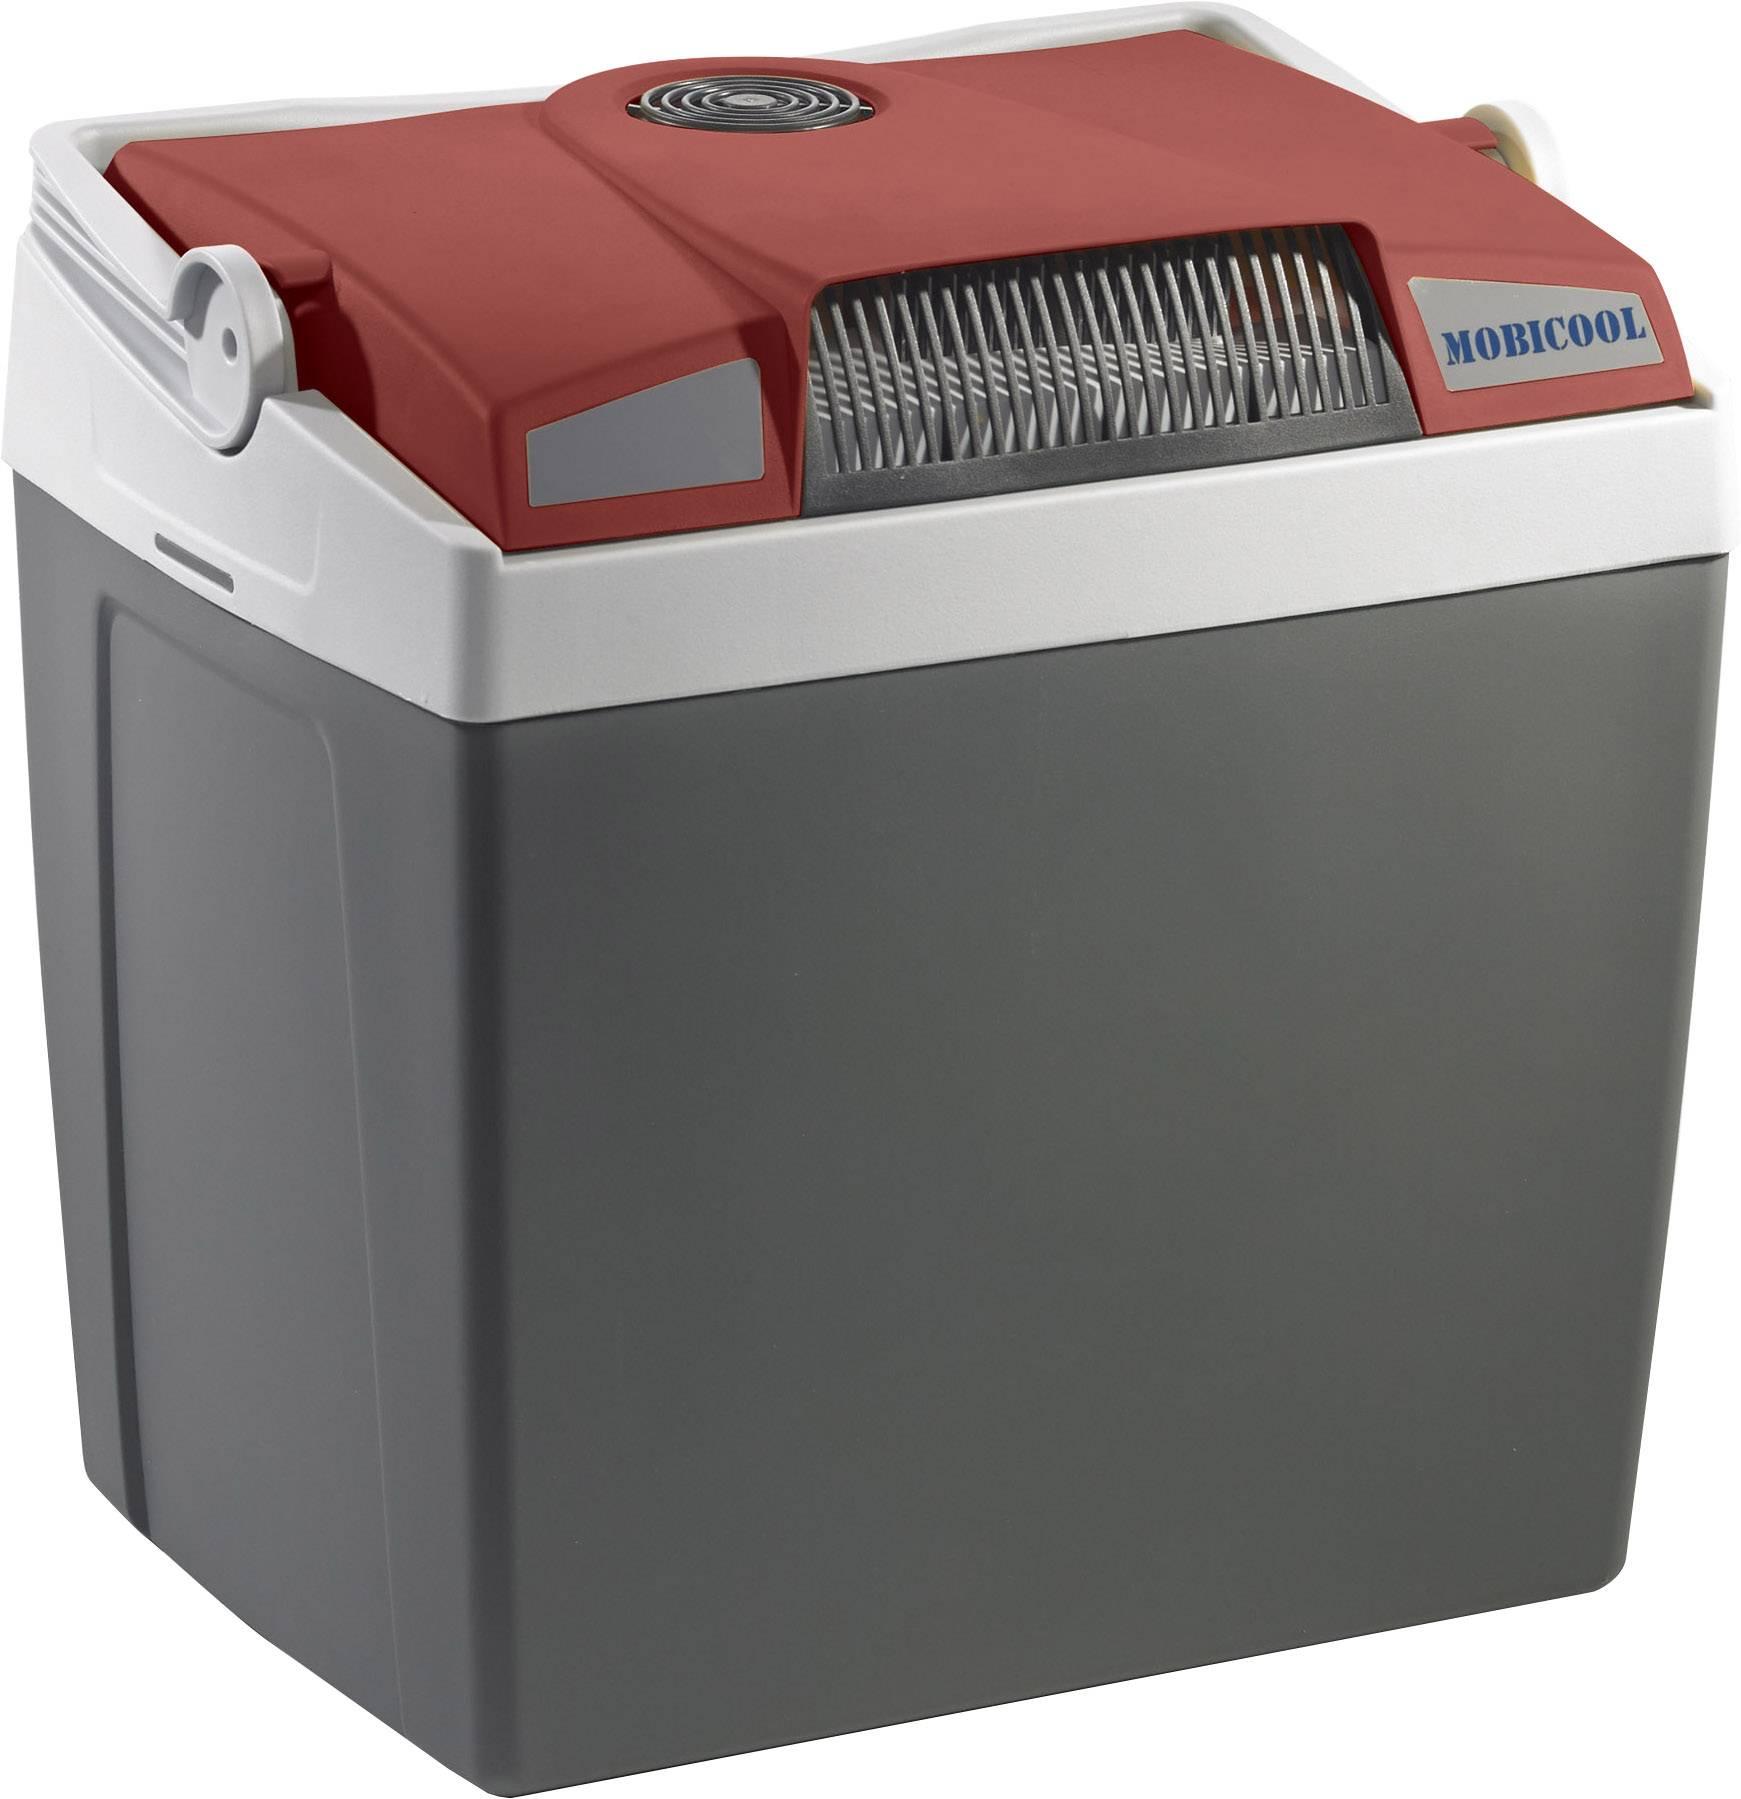 Termoelektrický chladiaci box (chladnička) MobiCool 12 V červeno šedá 25 l